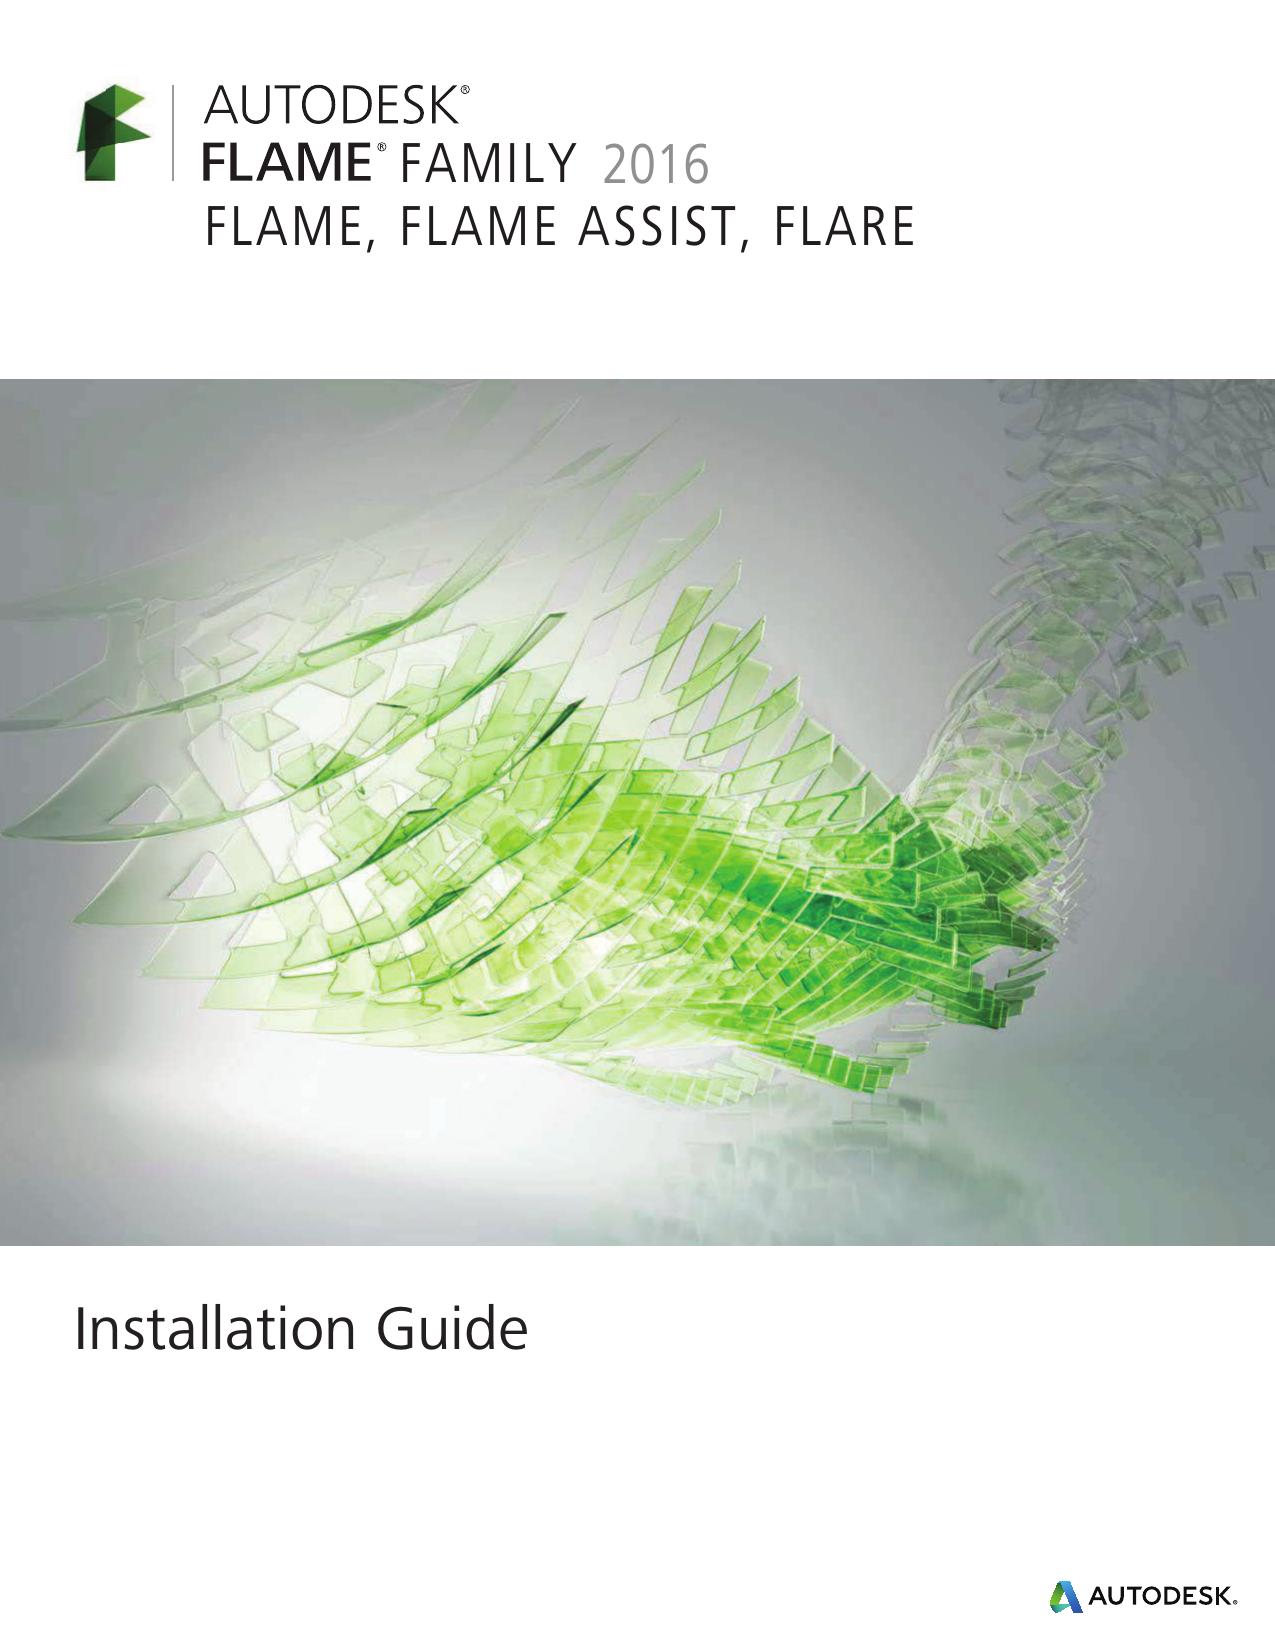 Flame Family Linux Mac Install Guide | manualzz com